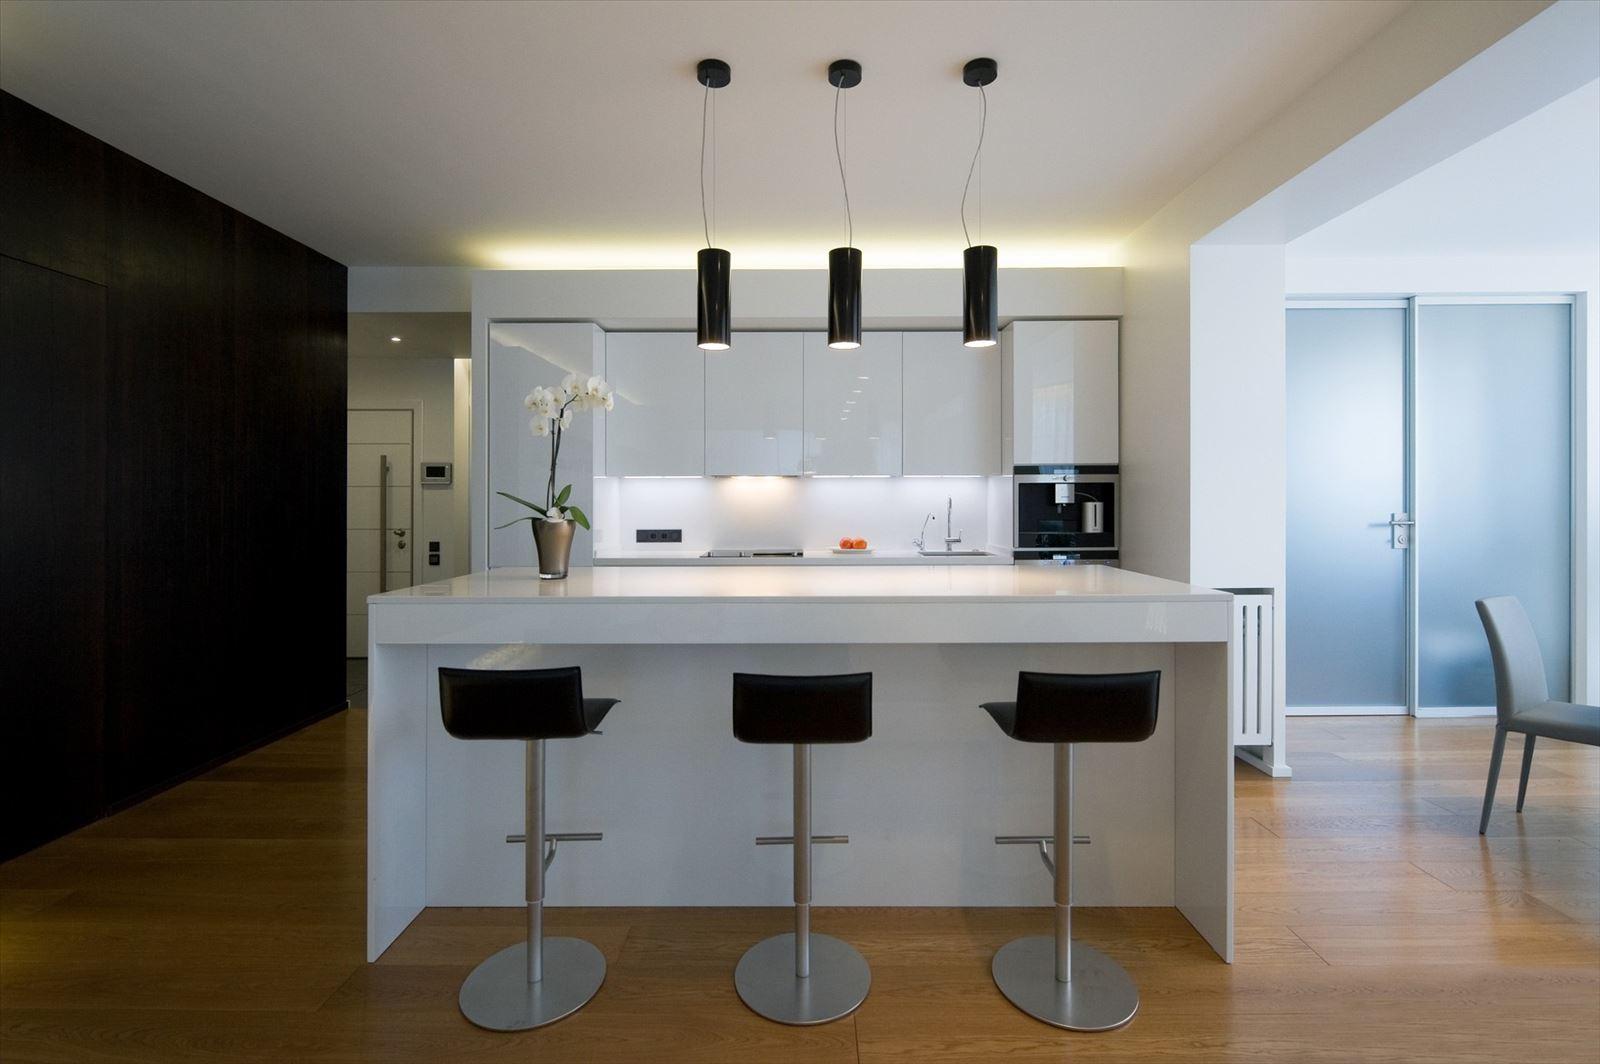 Лучшие интерьеры кухни в стиле минимализм фото